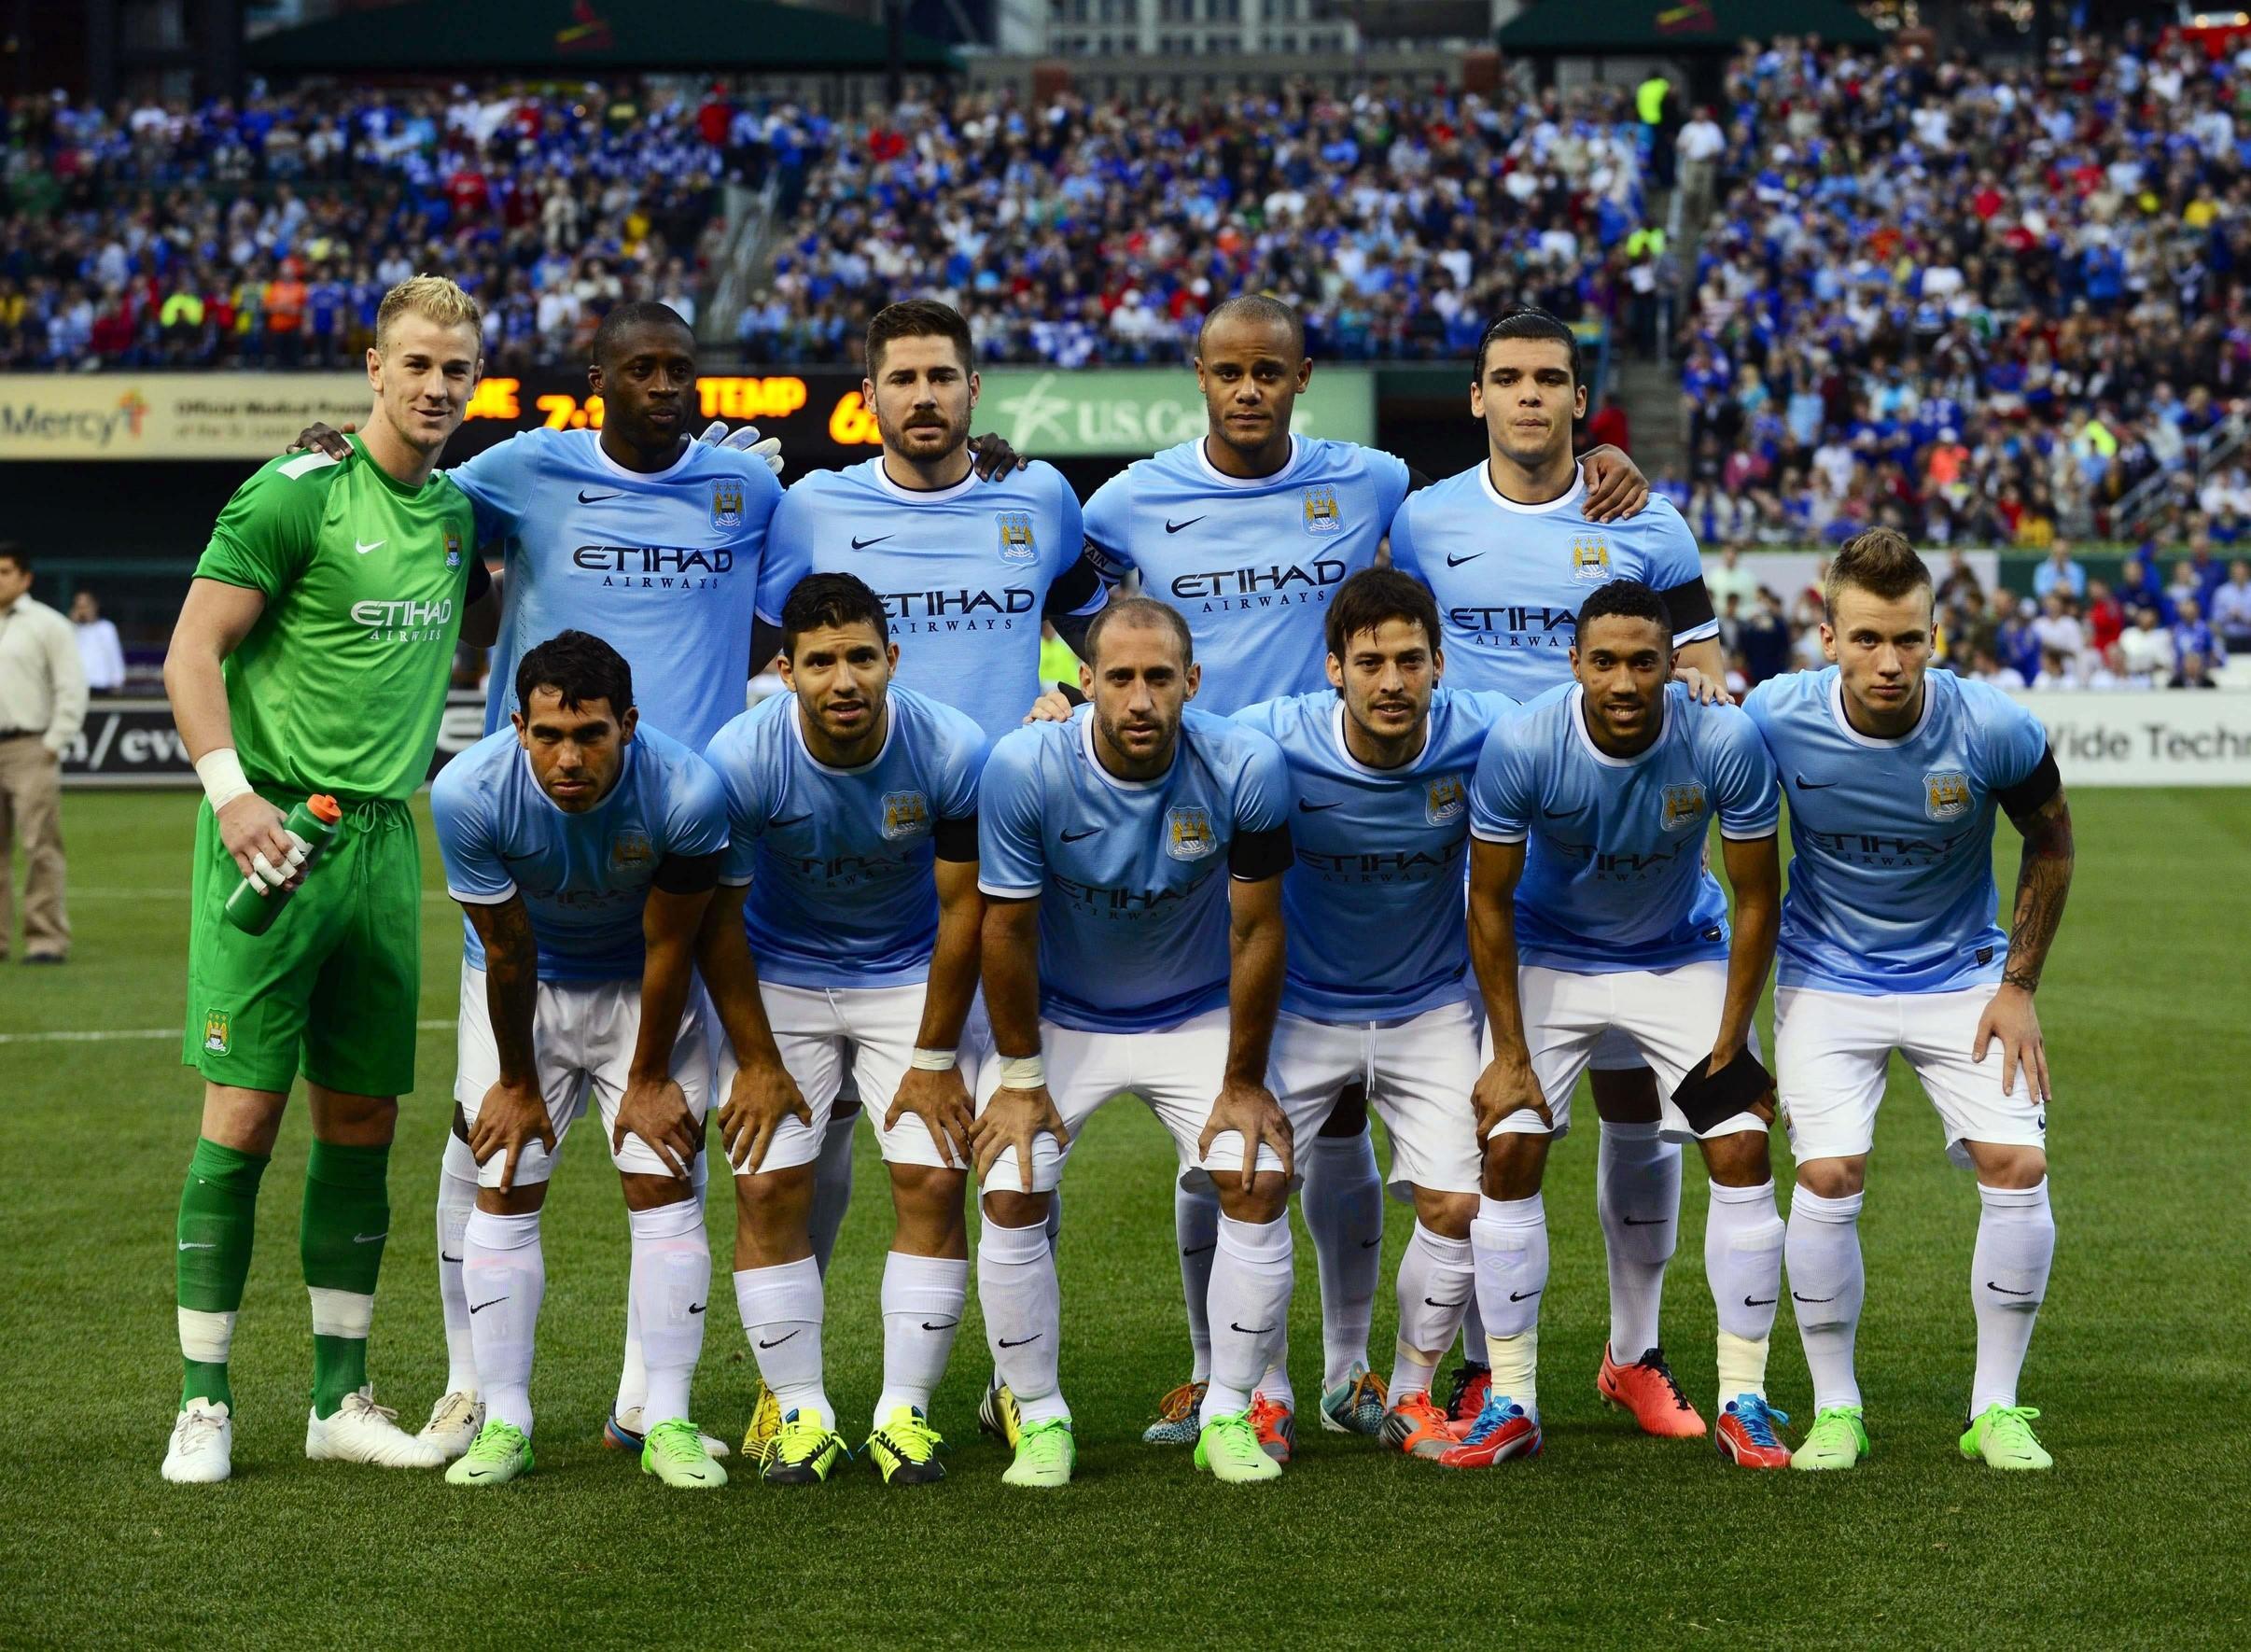 Manchester City Photos